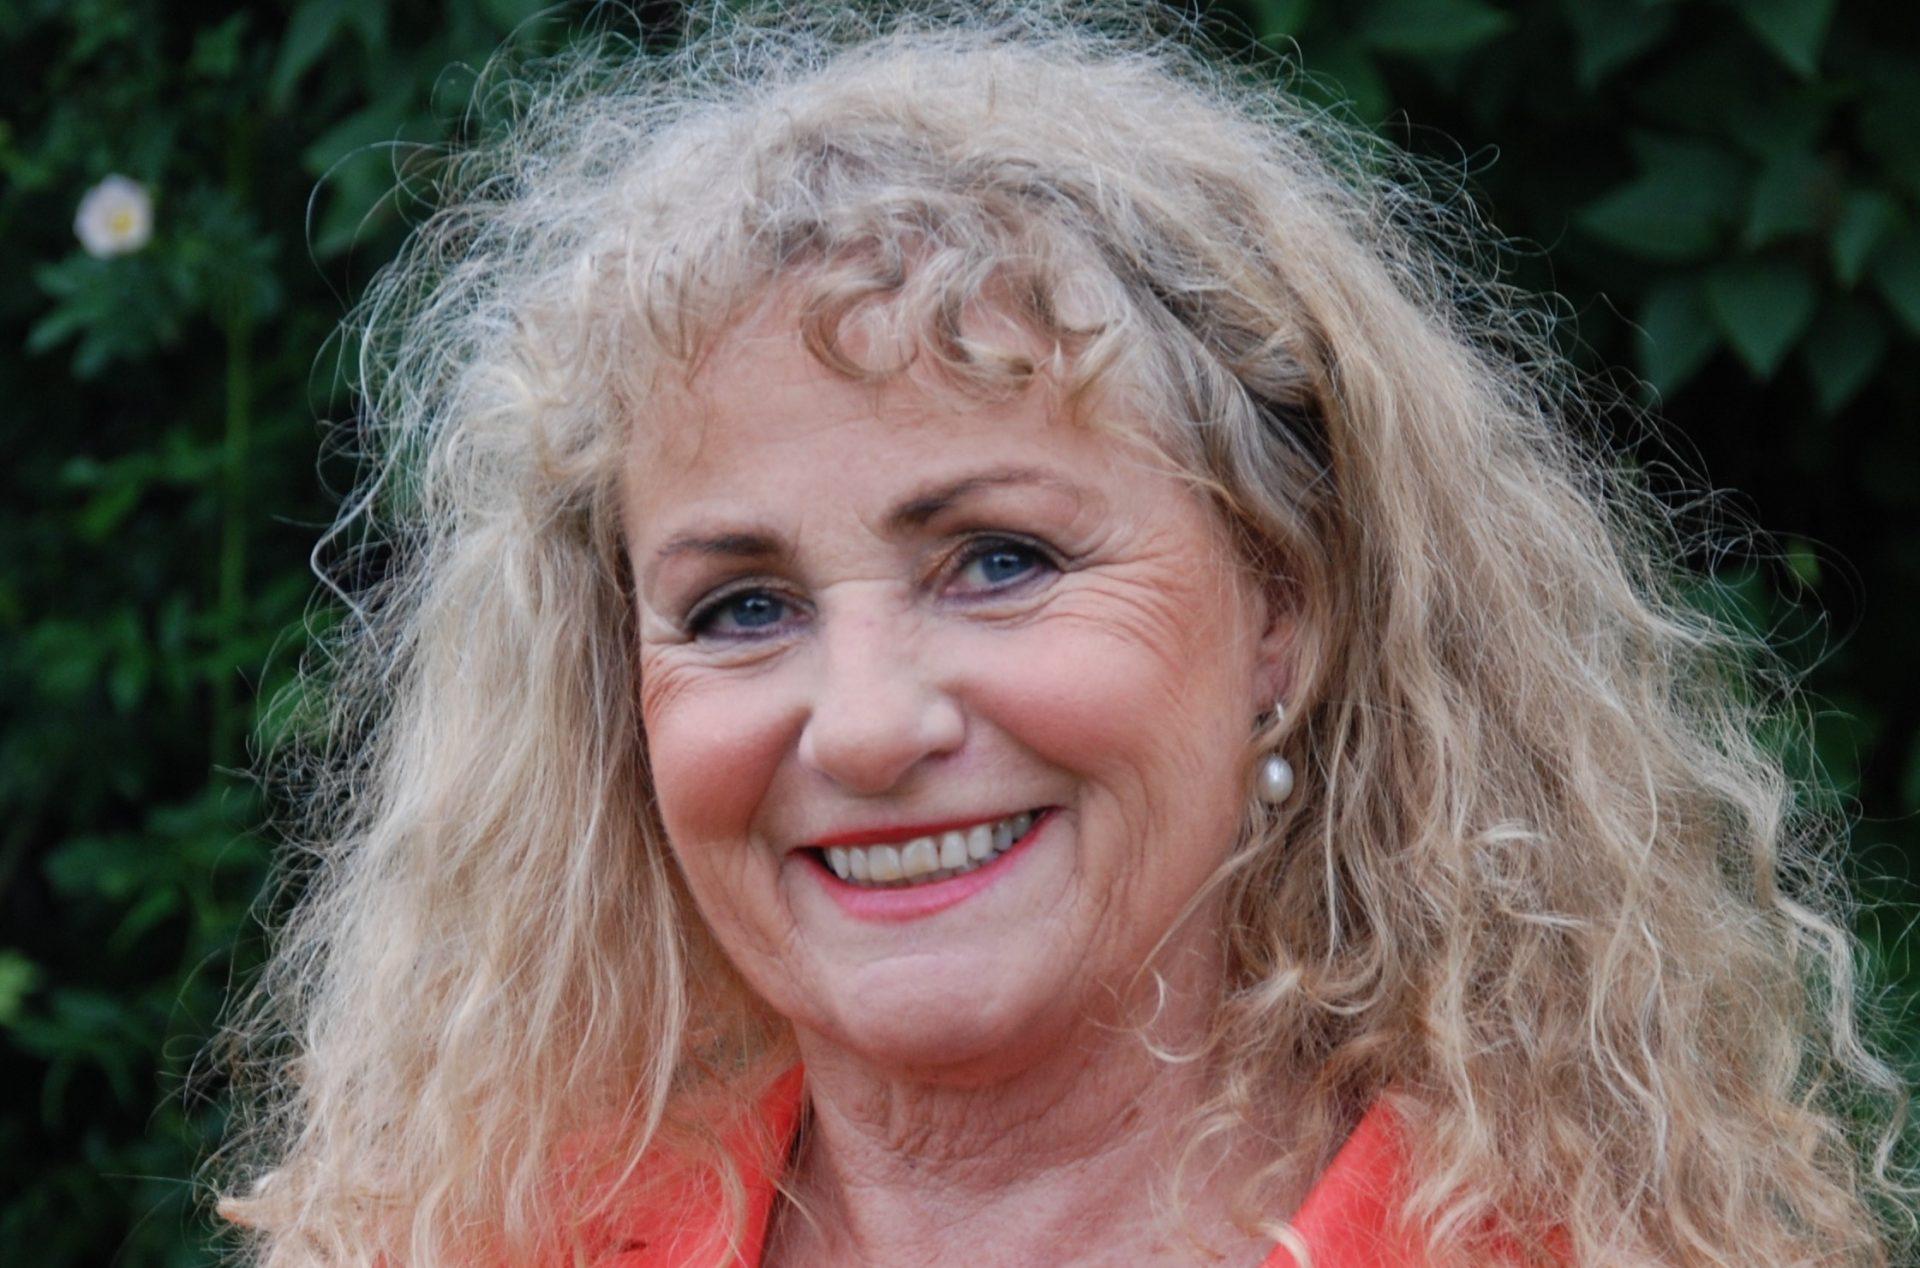 Randi Kveine er en engasjerende foredragsholder som snakker om kommunikasjon og ledelse. Hun er aktuell for tiden med boken, Pårørendesjokket. Om hvordan pårørende kan navigere når sykdom inntreffer.